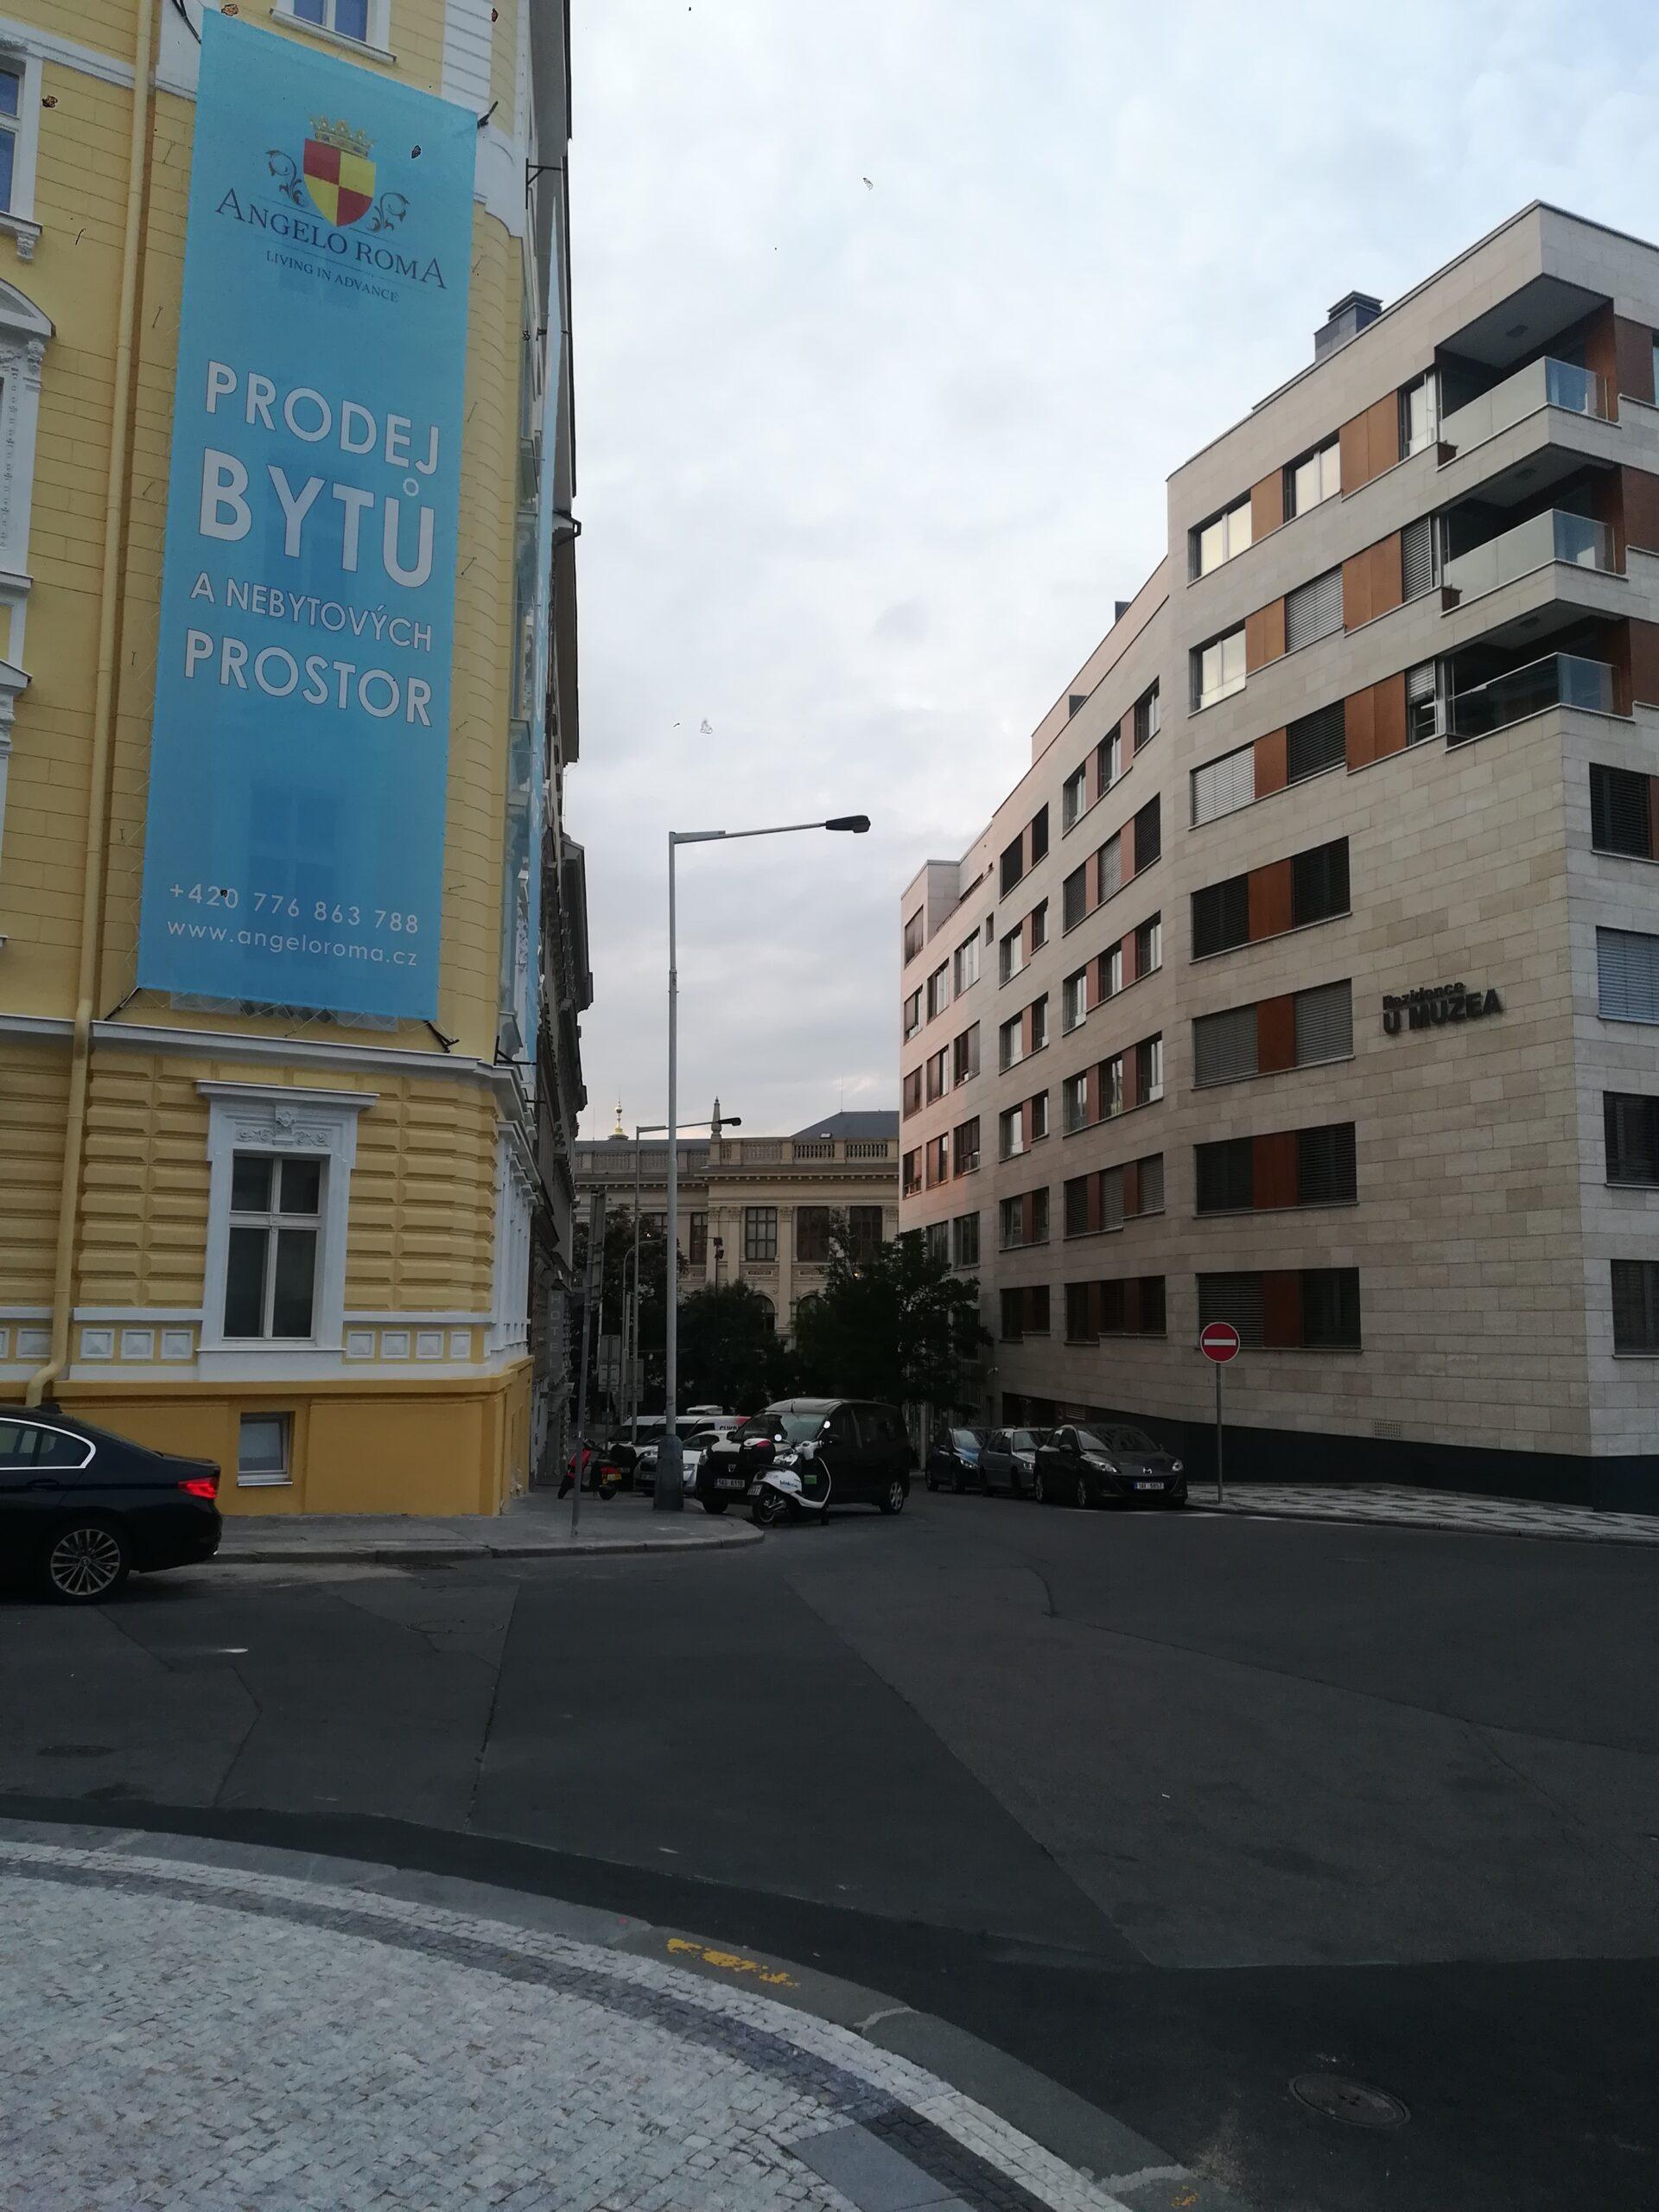 Nově zrekonstruované byty na Římské ulici v Praze